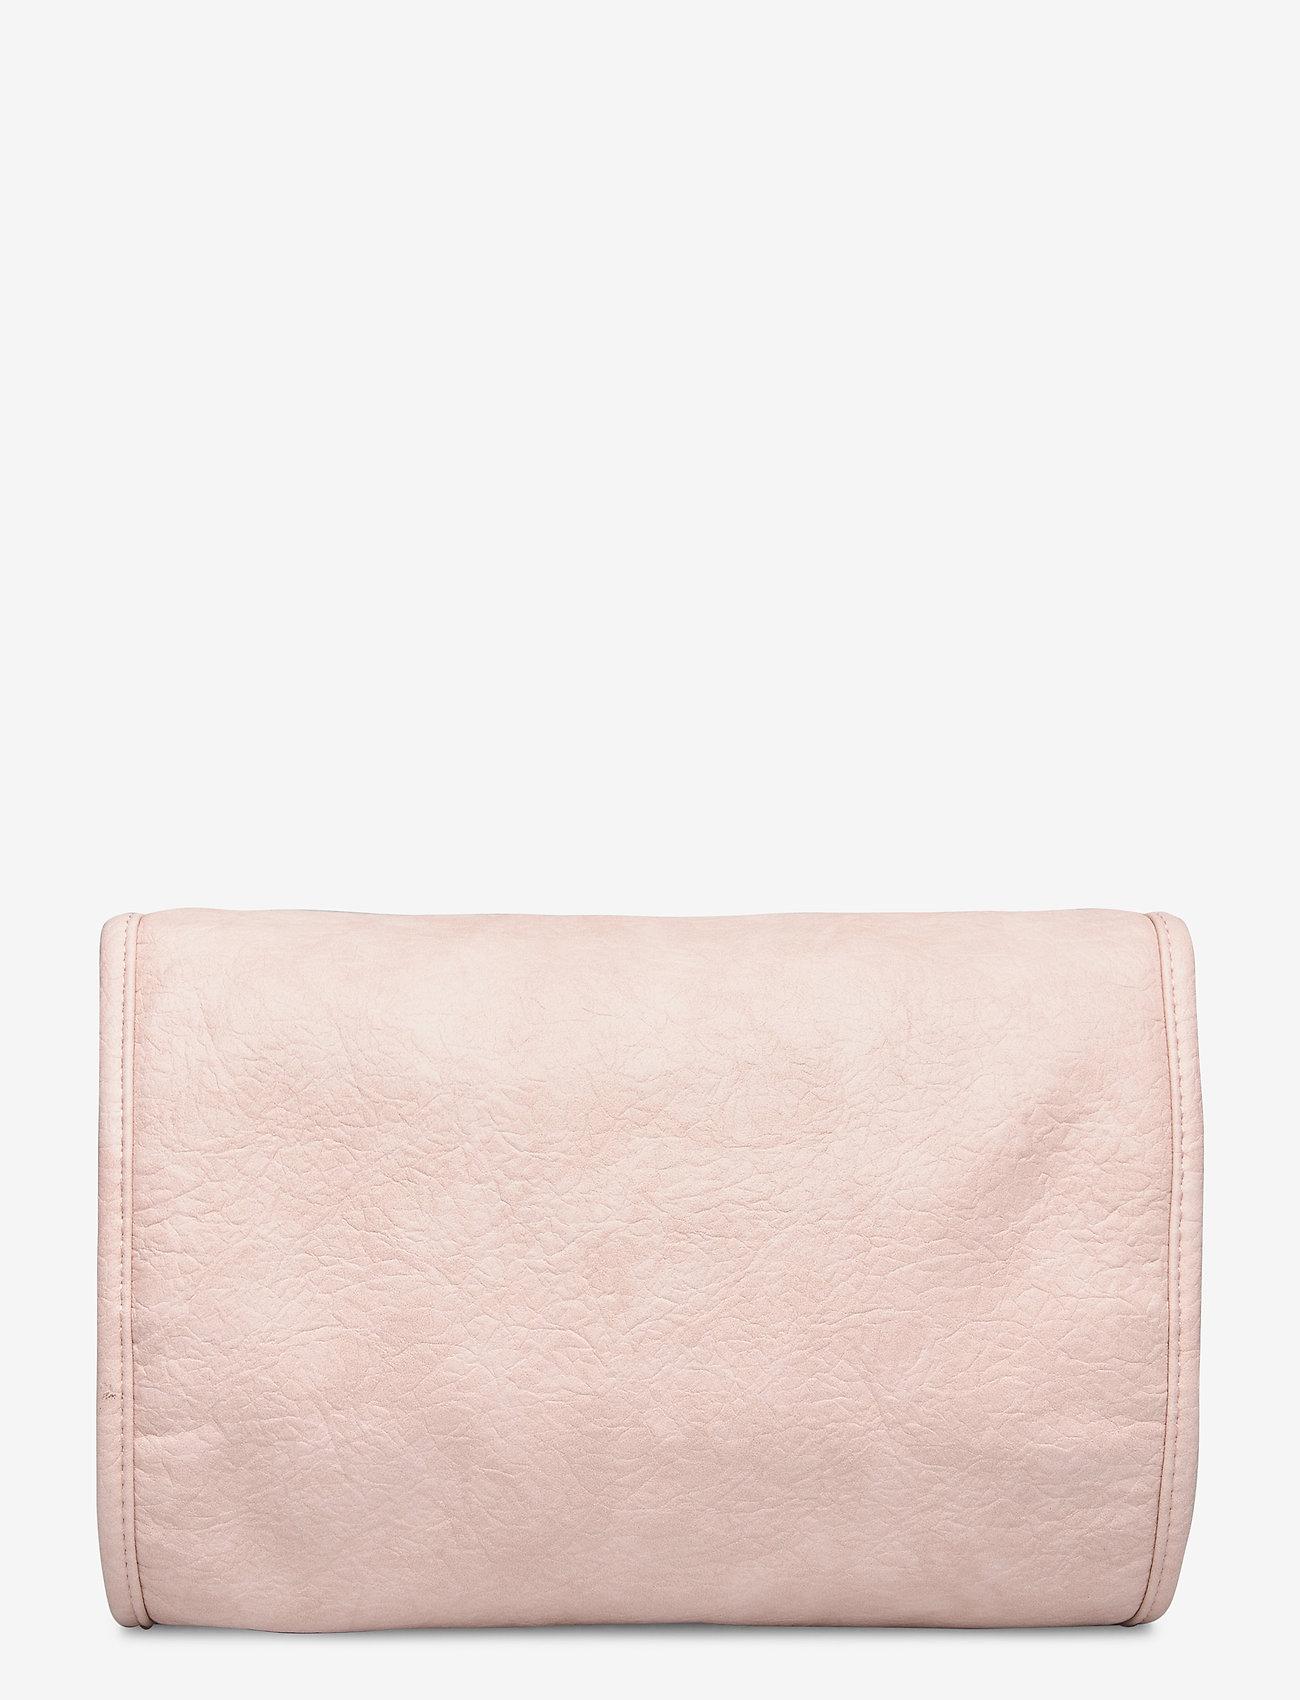 PIPOL'S BAZAAR - Hangable Cosmetic Pale Pink - toilettassen - pink - 1